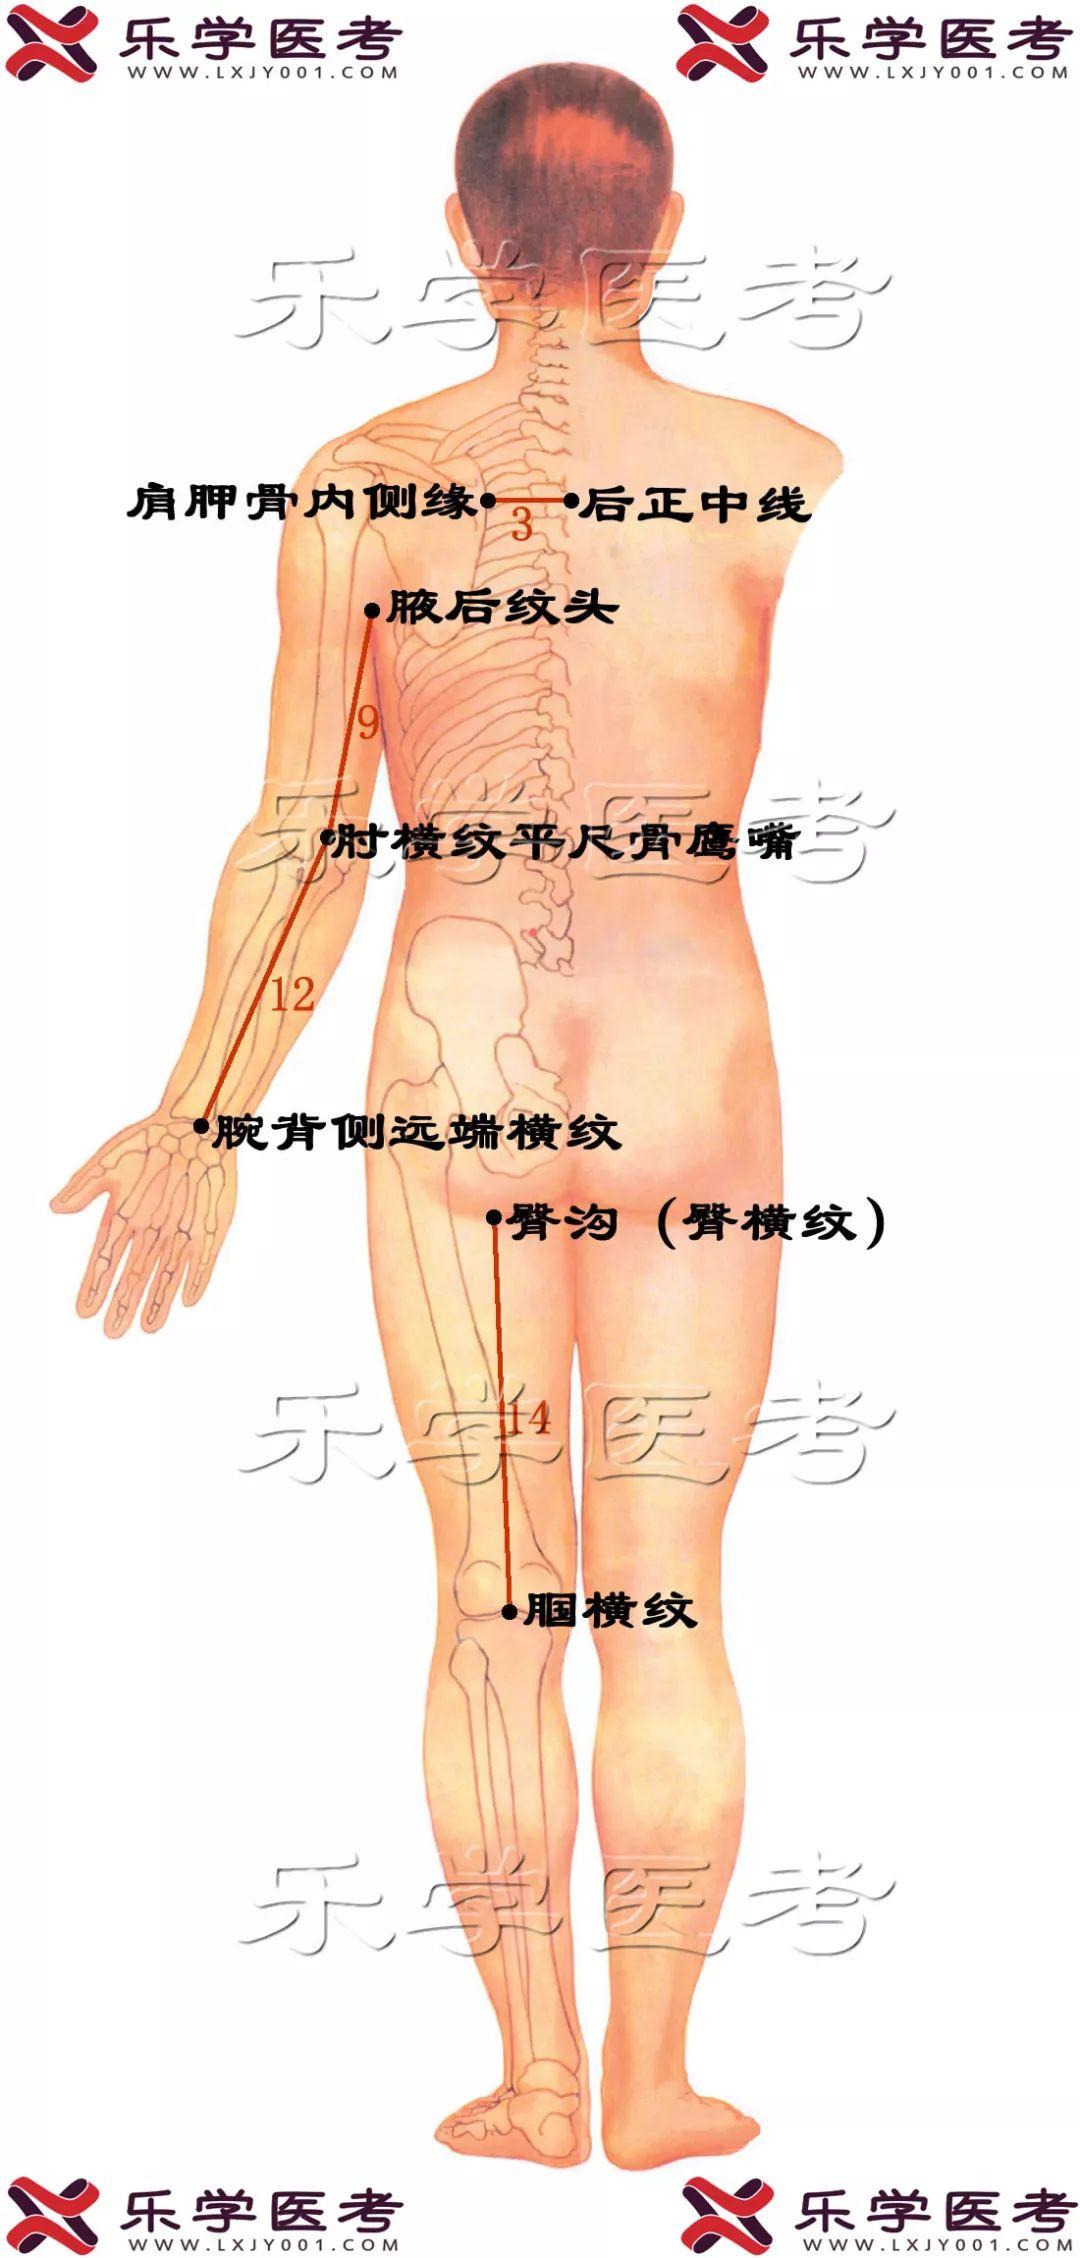 会宗_英文_拼音_会宗穴的位置、功效与作用、主治、... _医学百科